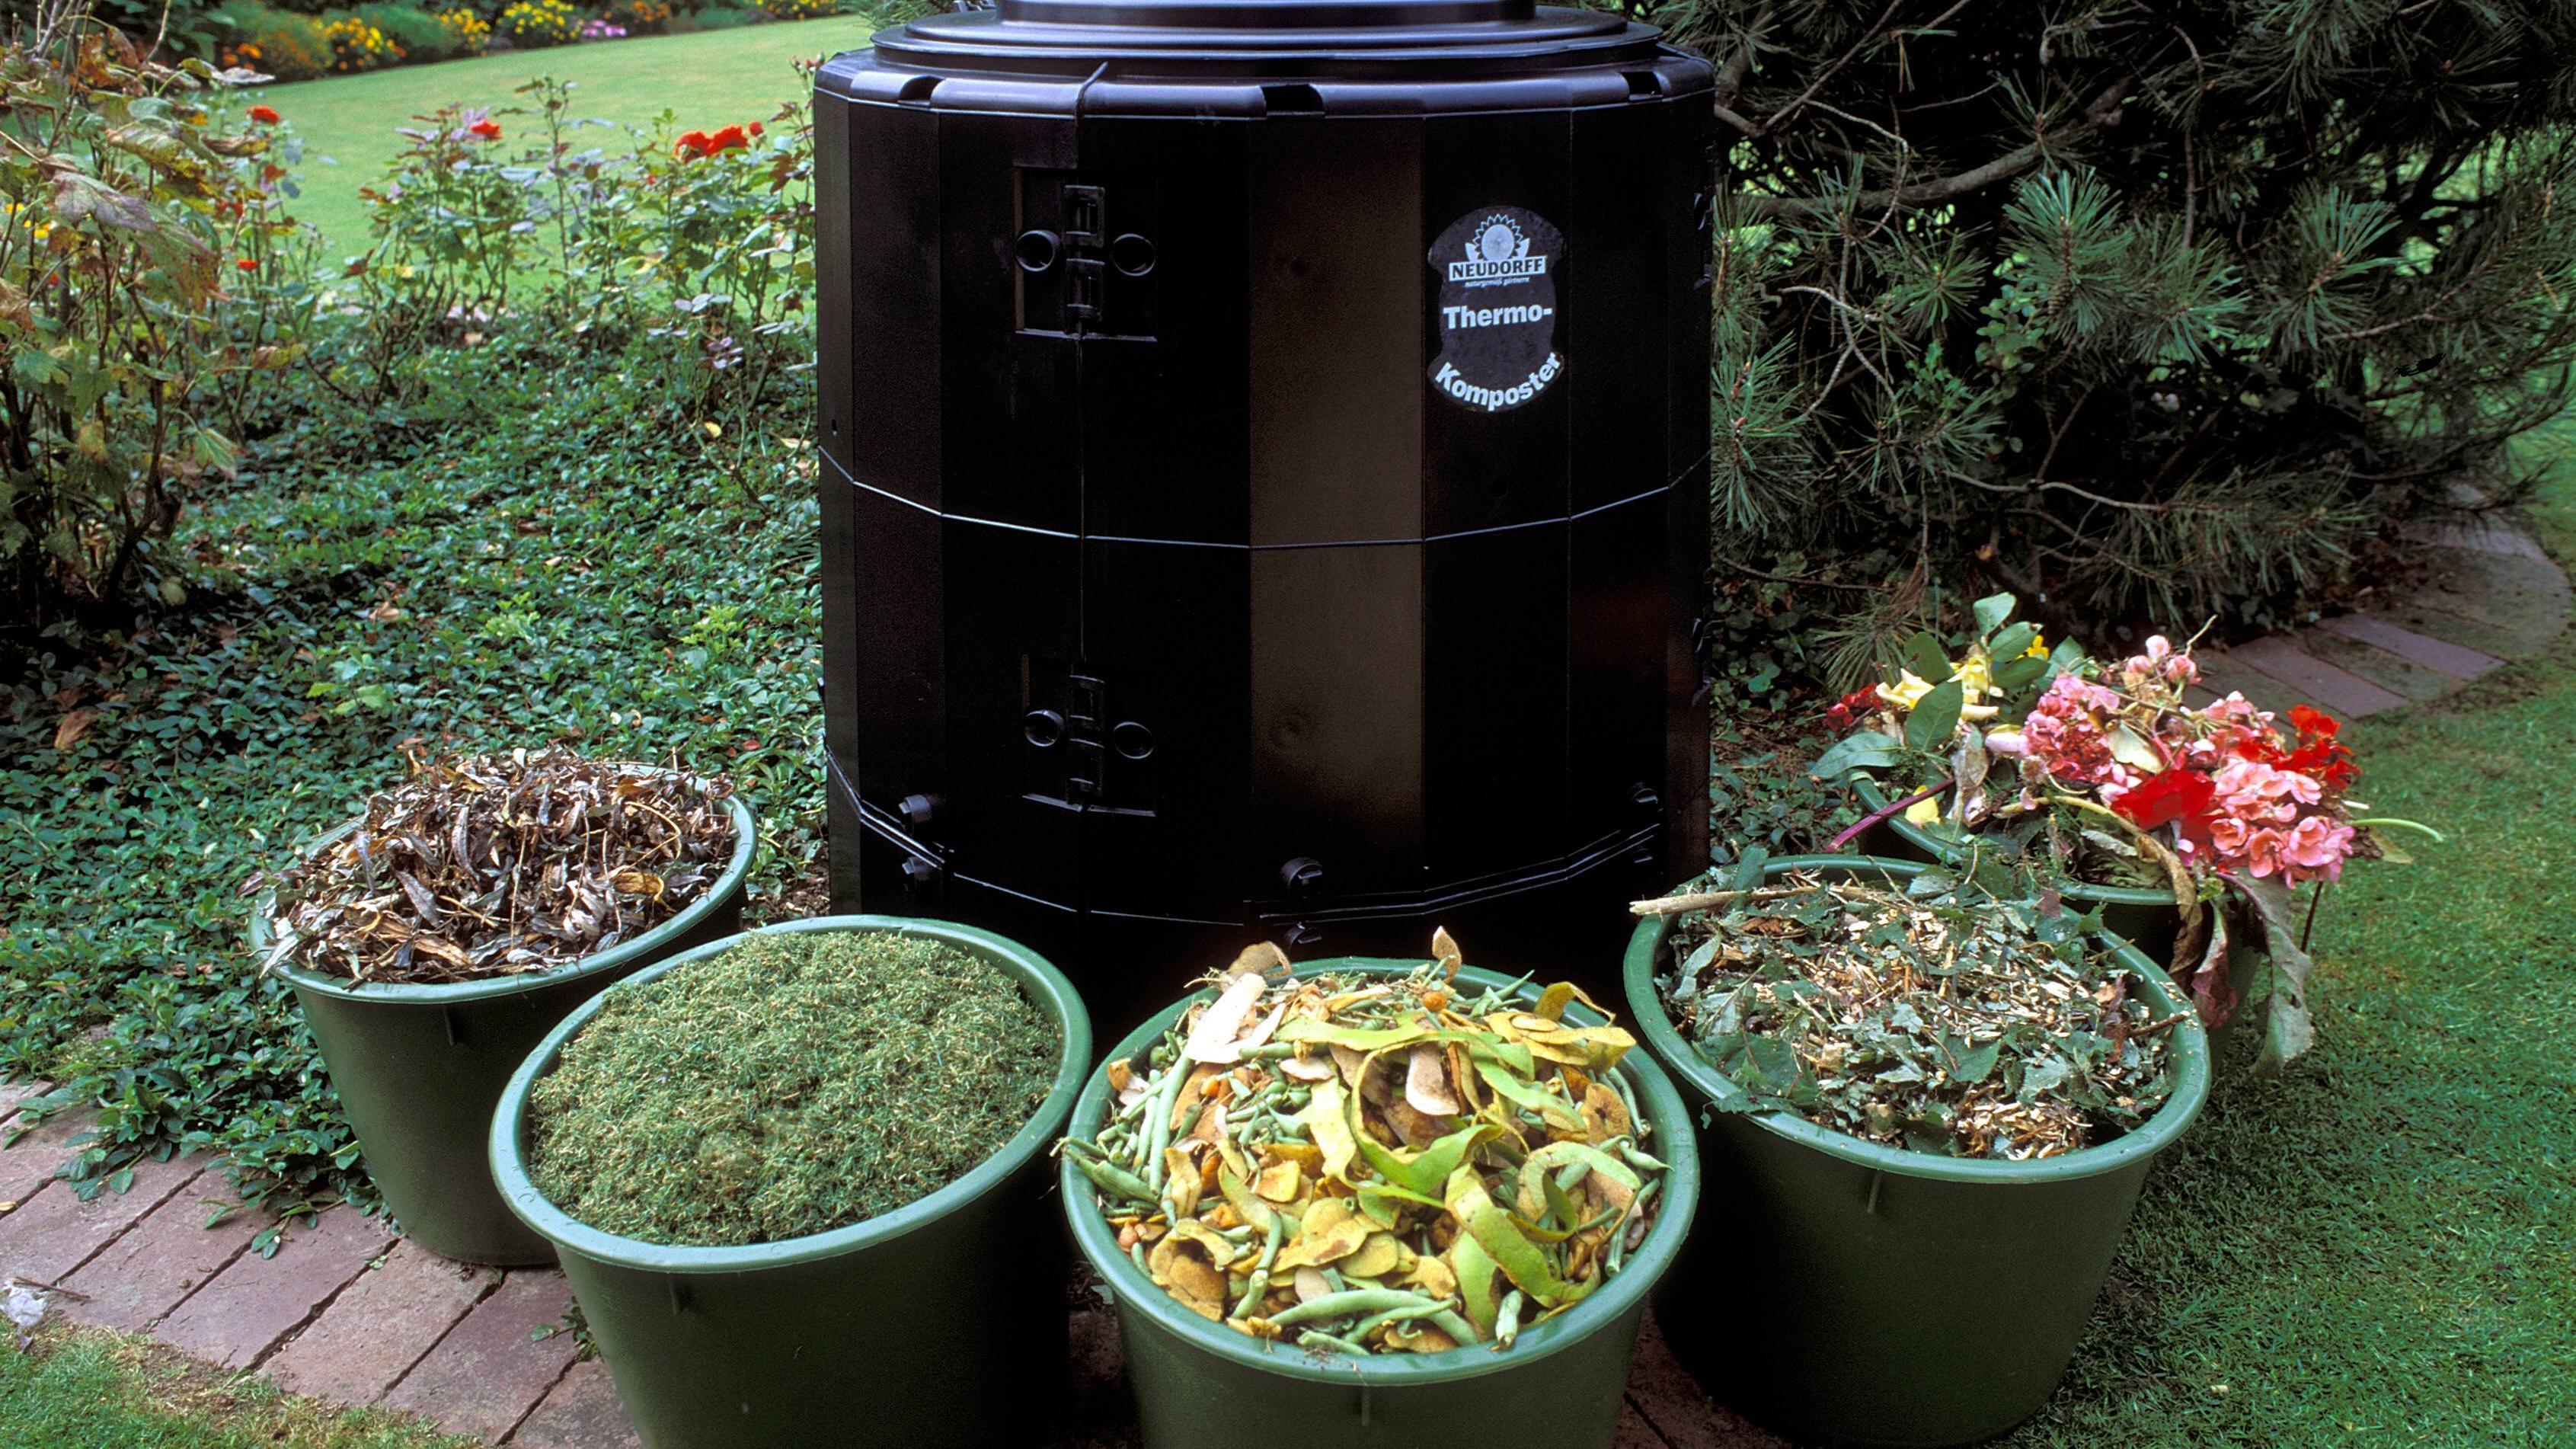 Zitrusfrüchte im Kompost - das sollten Sie wissen